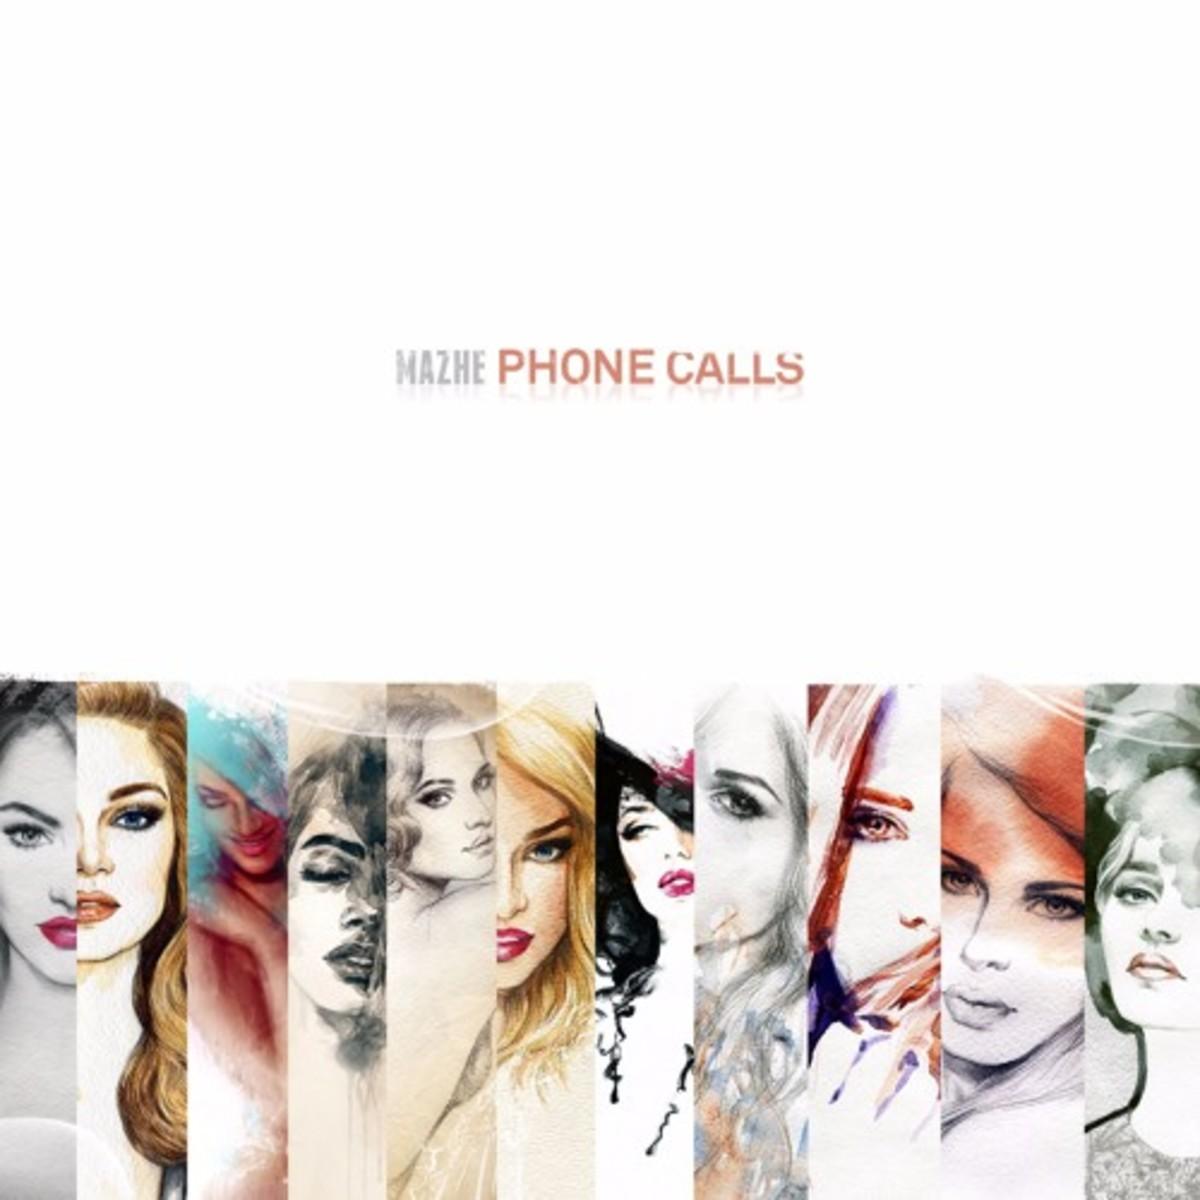 mazhe-phone-calls.jpg